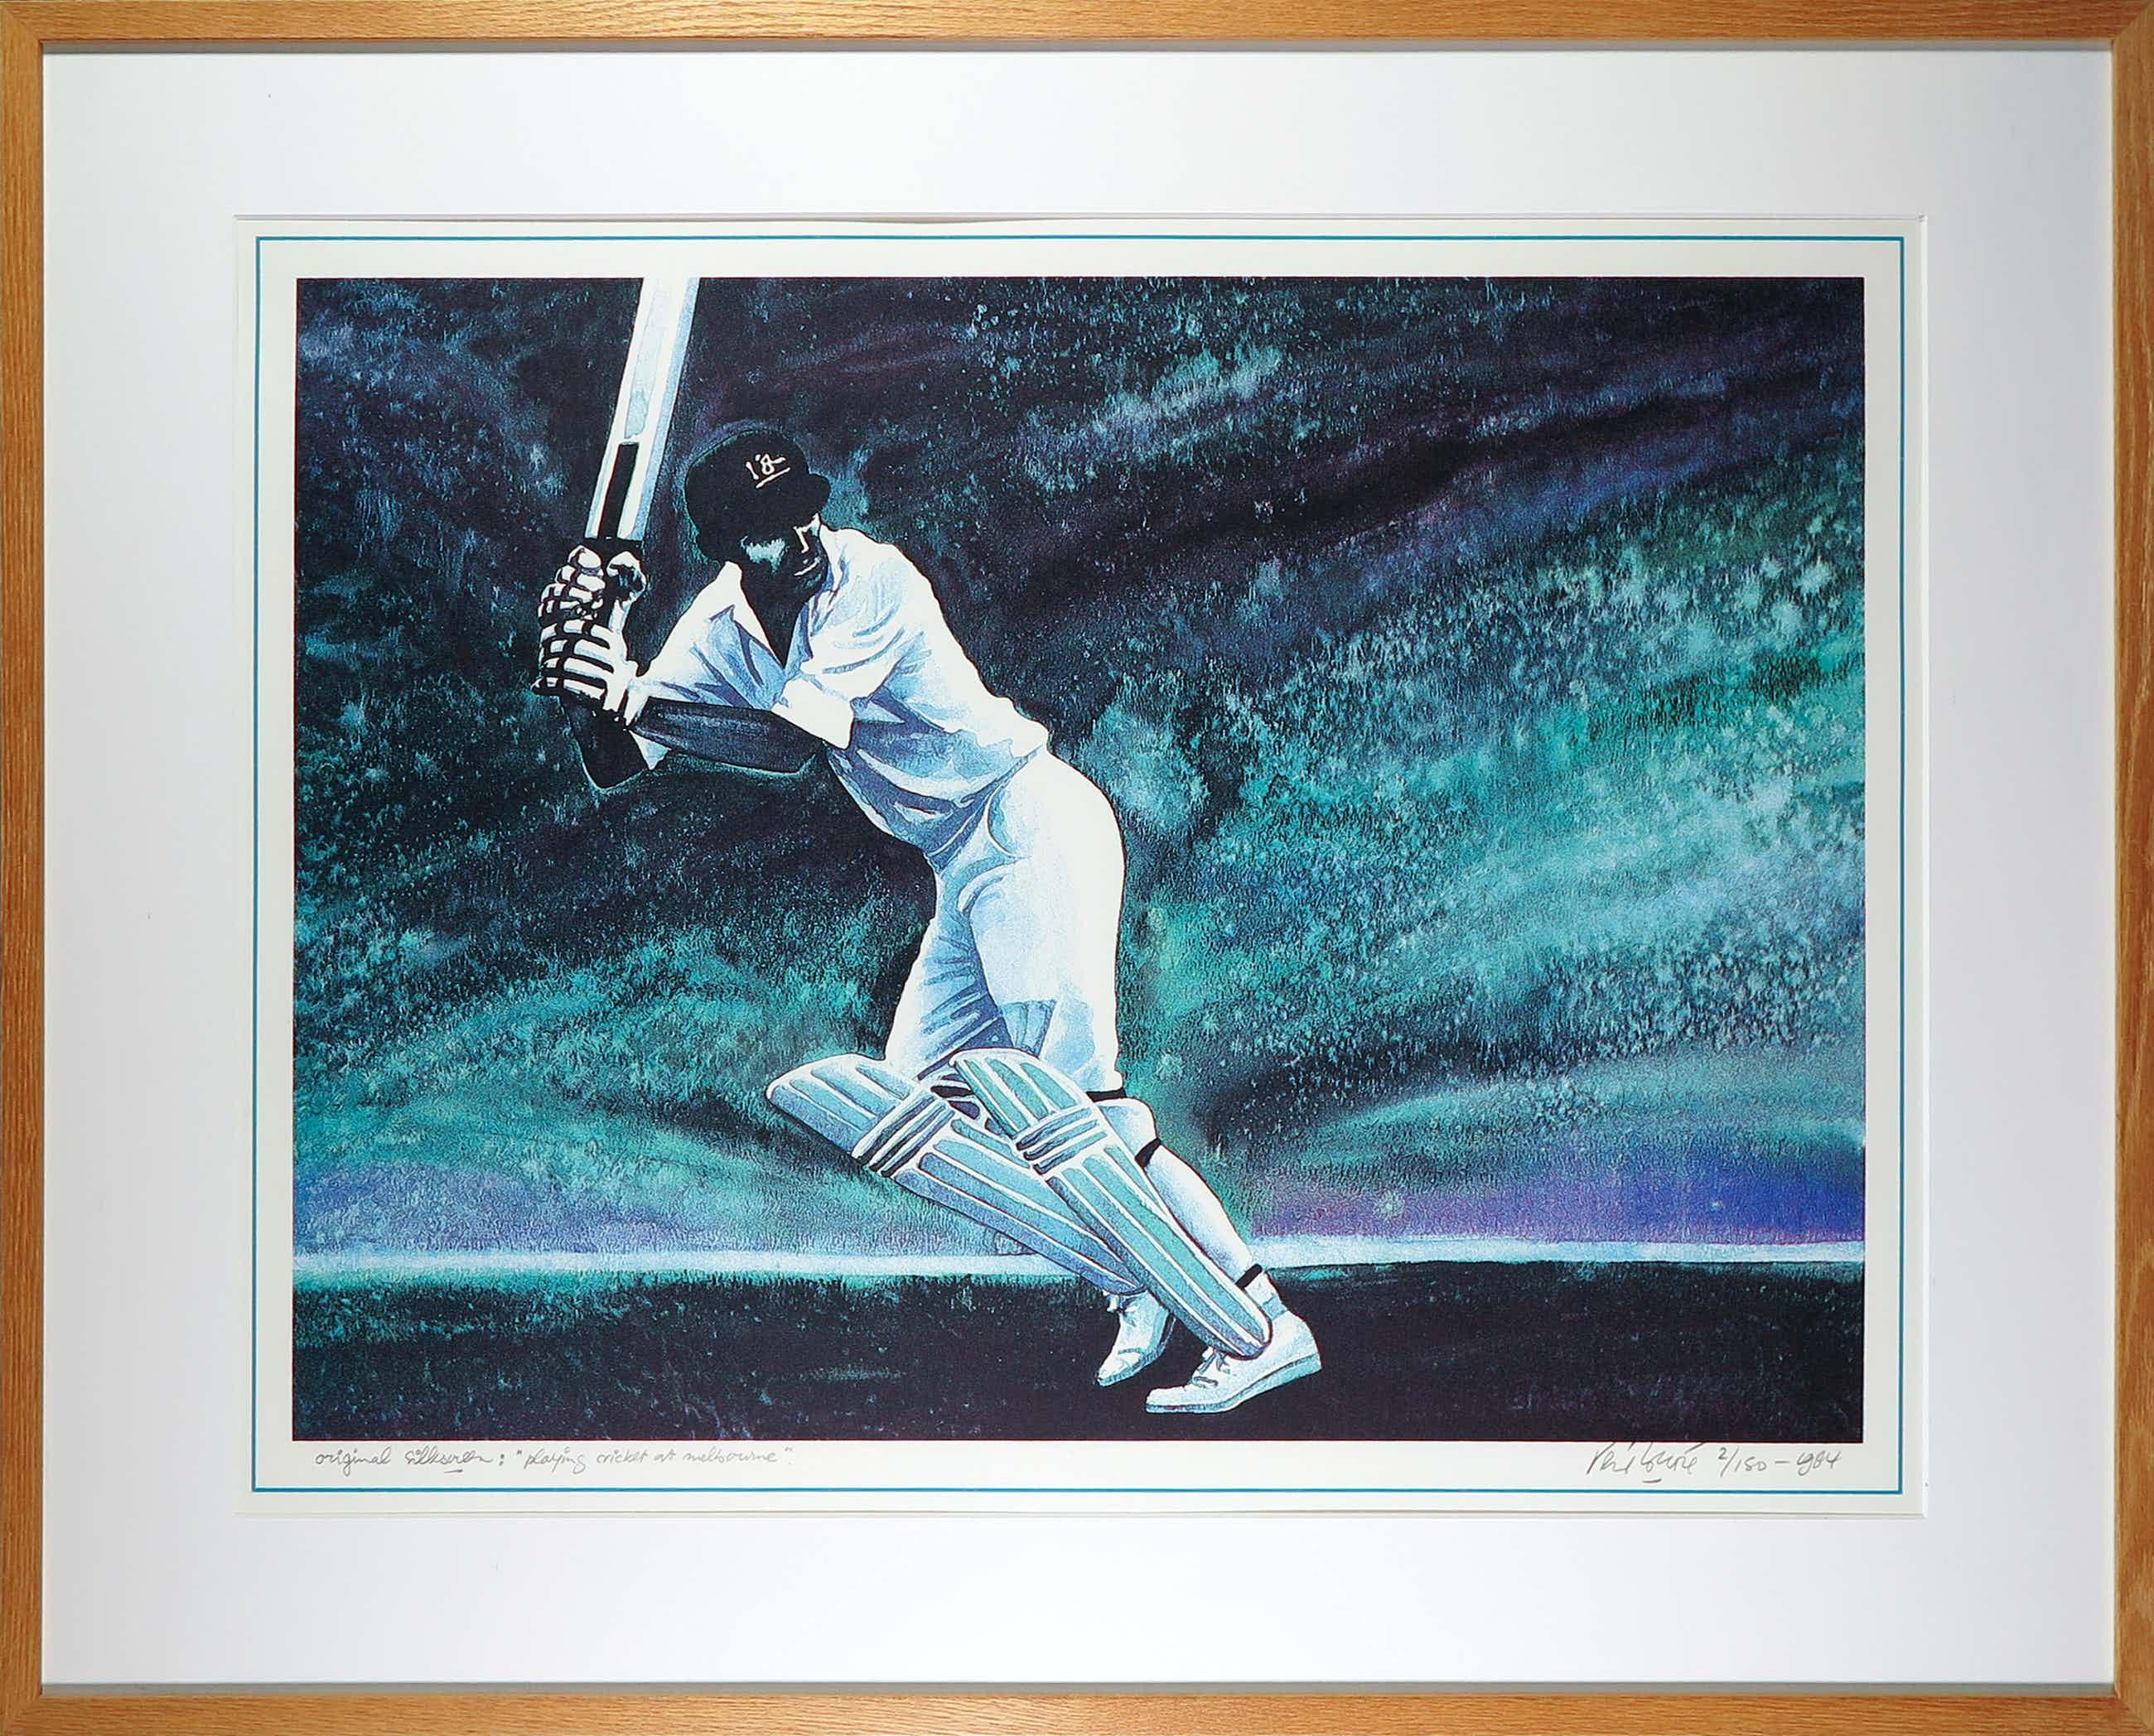 Rene Brone - Zeefdruk, Playing cricket at Melbourne - Ingelijst kopen? Bied vanaf 20!